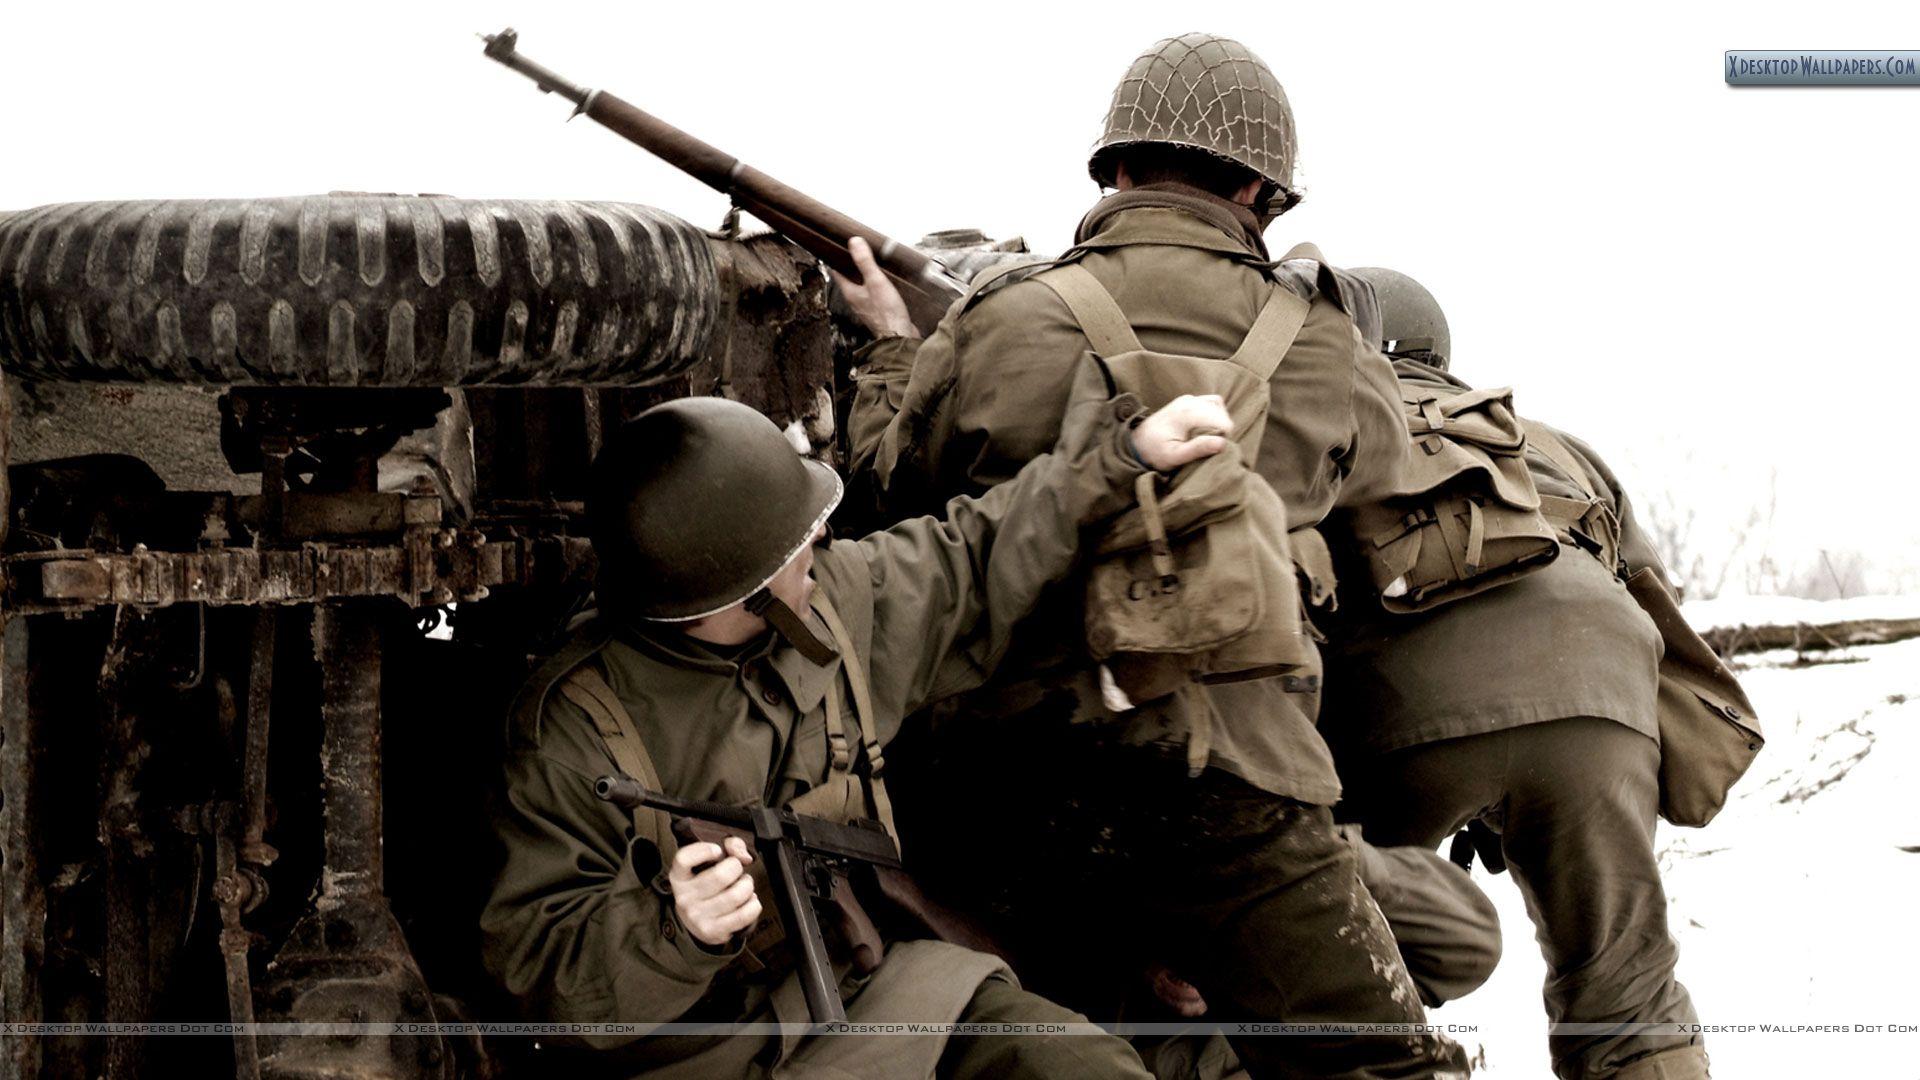 Американские солдаты, вторая мировая, US soldiers wallpapers, обои для рабочего стола